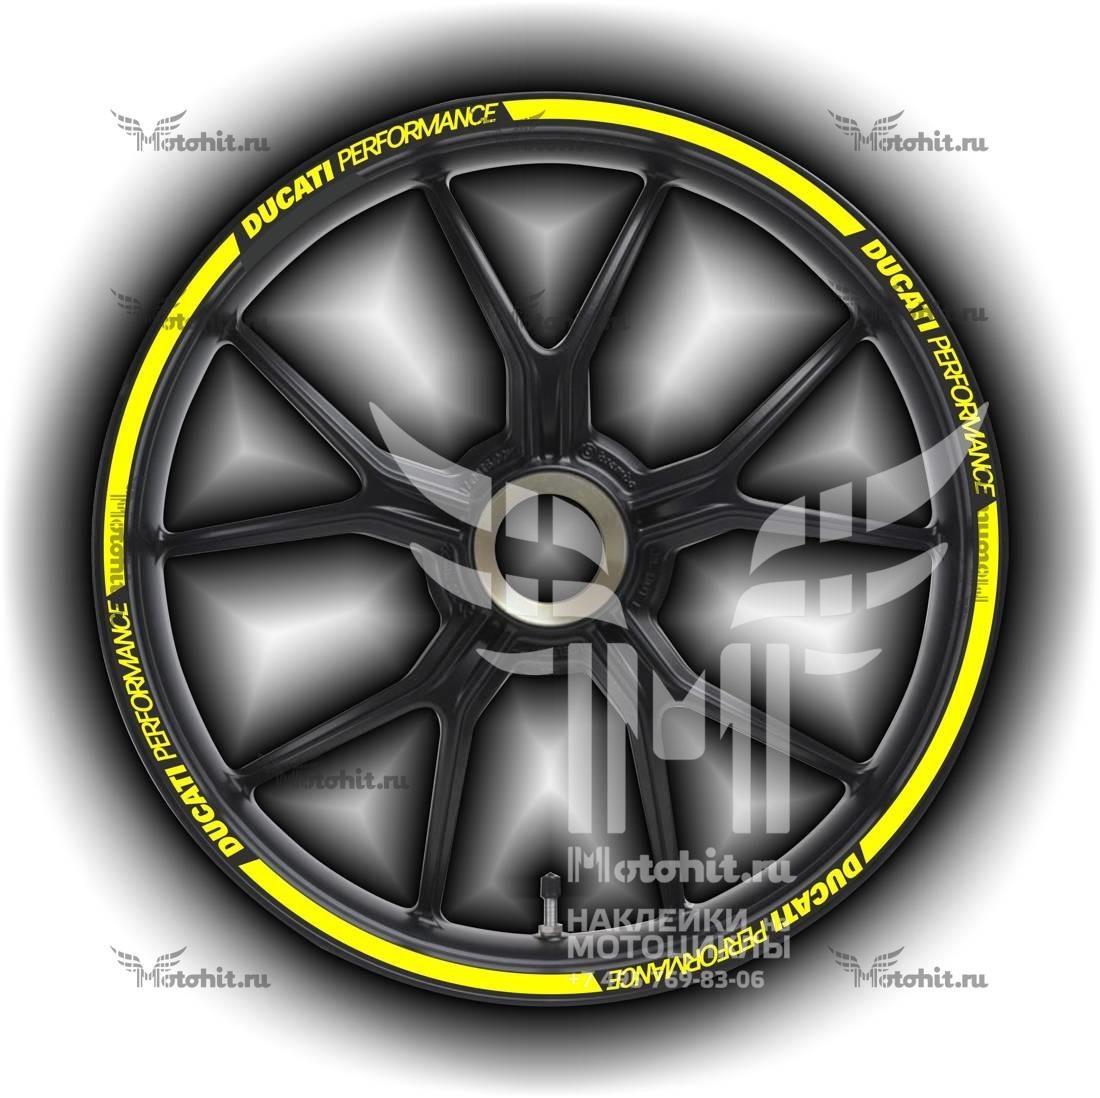 Комплект наклеек на обод колеса мотоцикла DUCATI PERFORMANCE